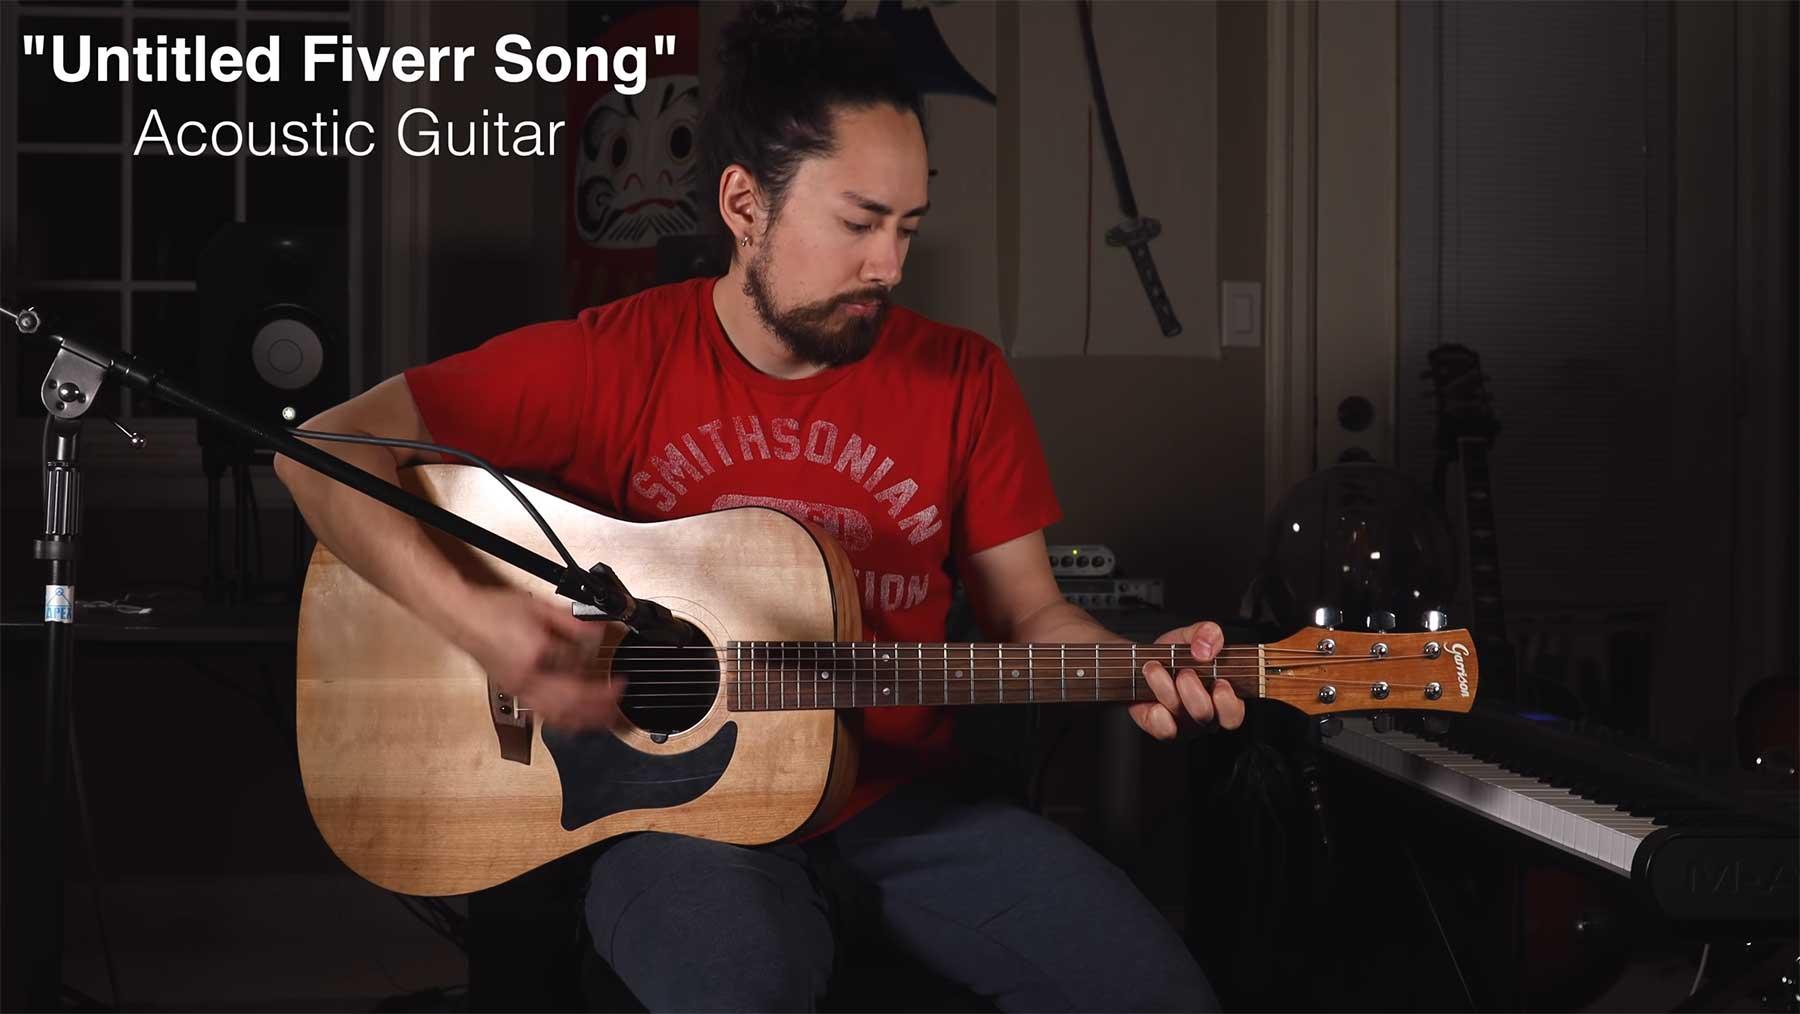 samuraiguitarist hat Musiker von Fiverr einen Song machen lassen